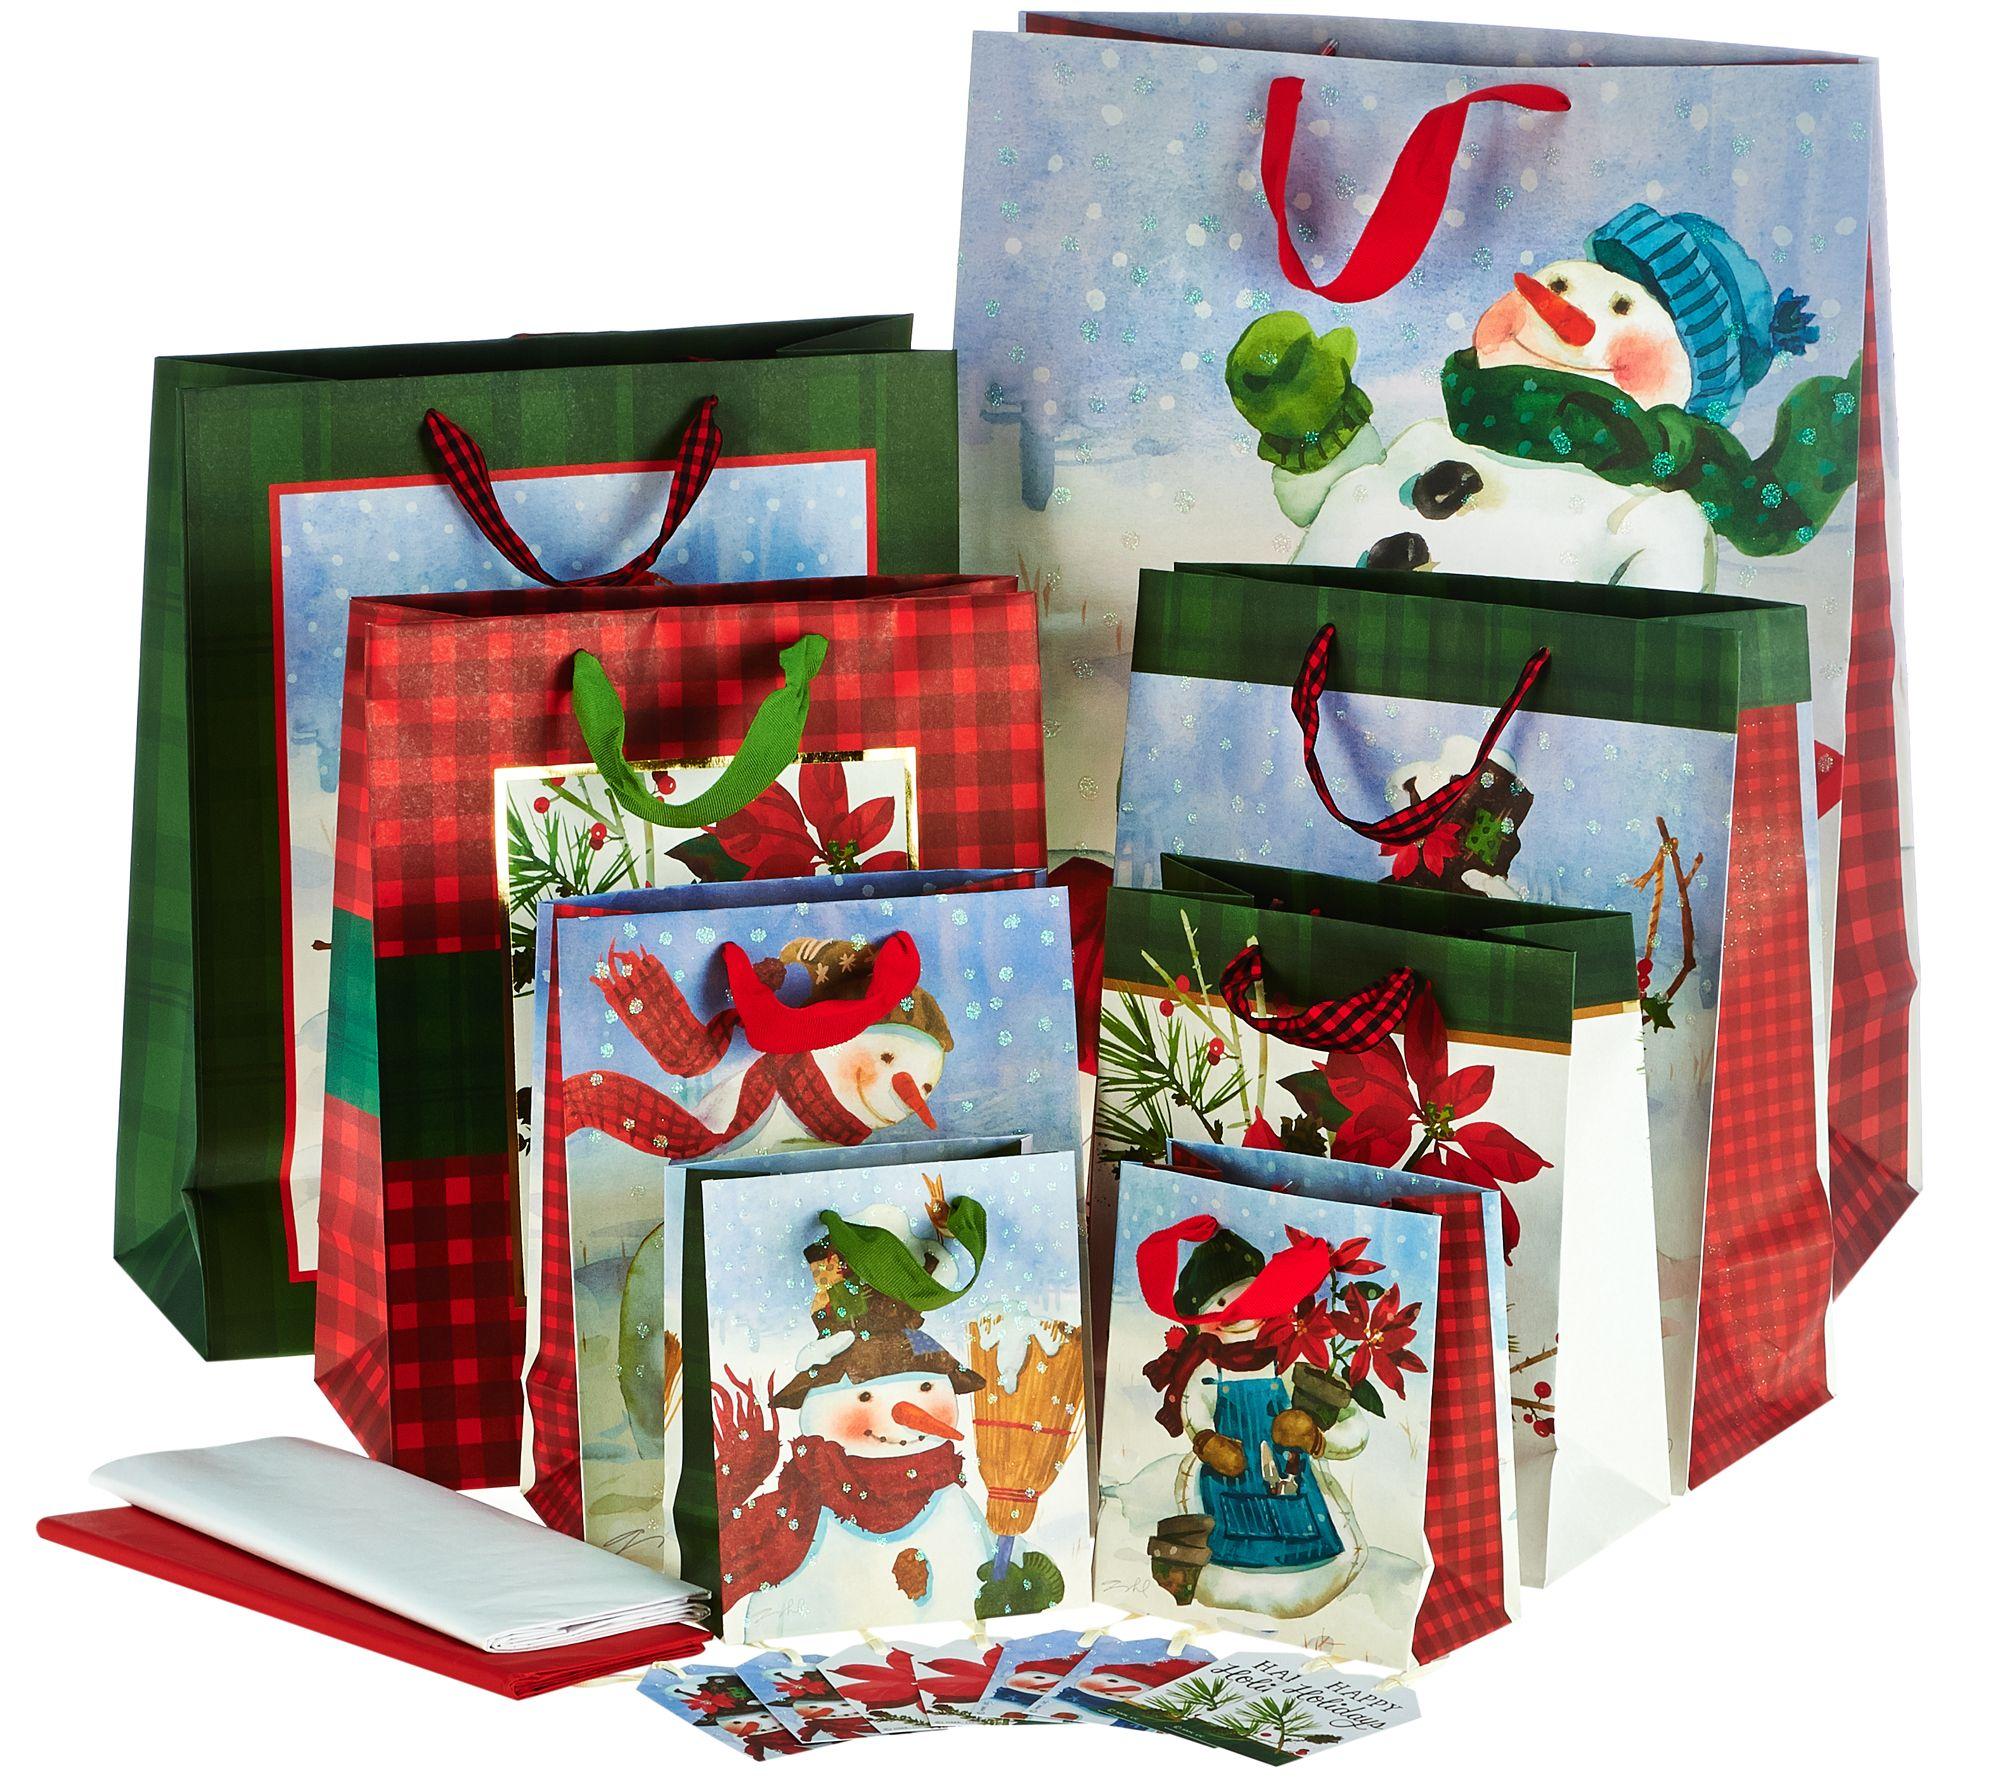 Hallmark 36 Piece Gift Wrap Set With Storage Box Page 1 Qvc